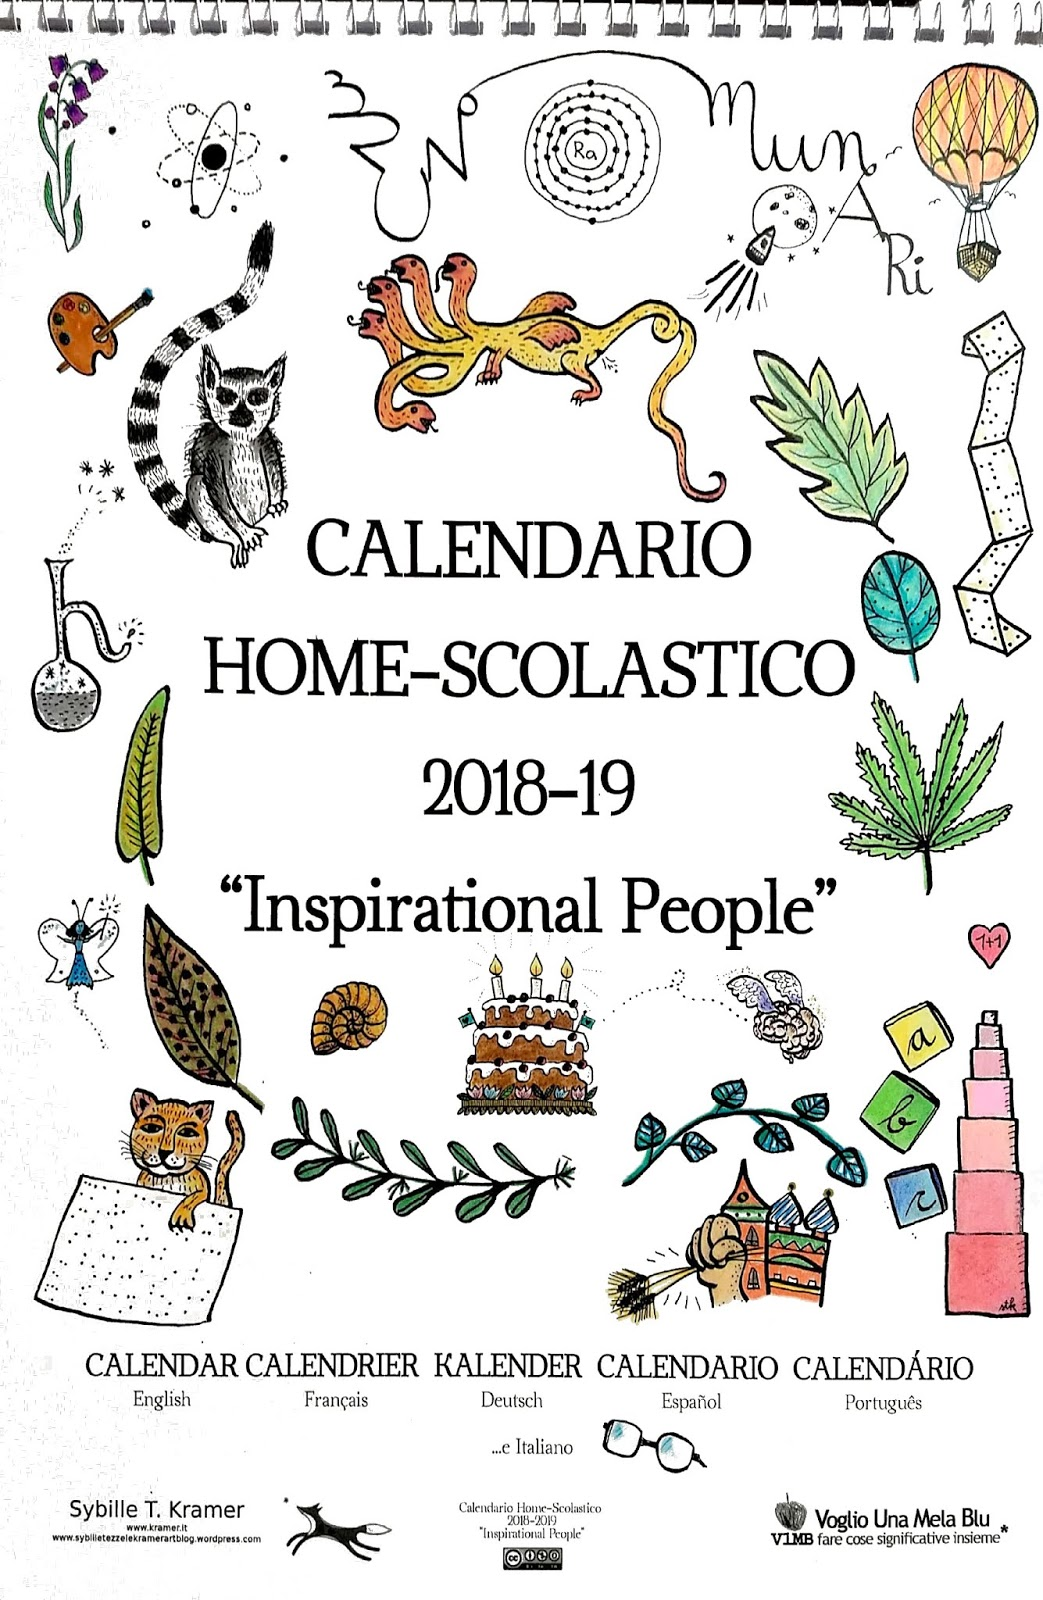 Calendario Free.Voglio Una Mela Blu Free Download The 2018 2019 Home